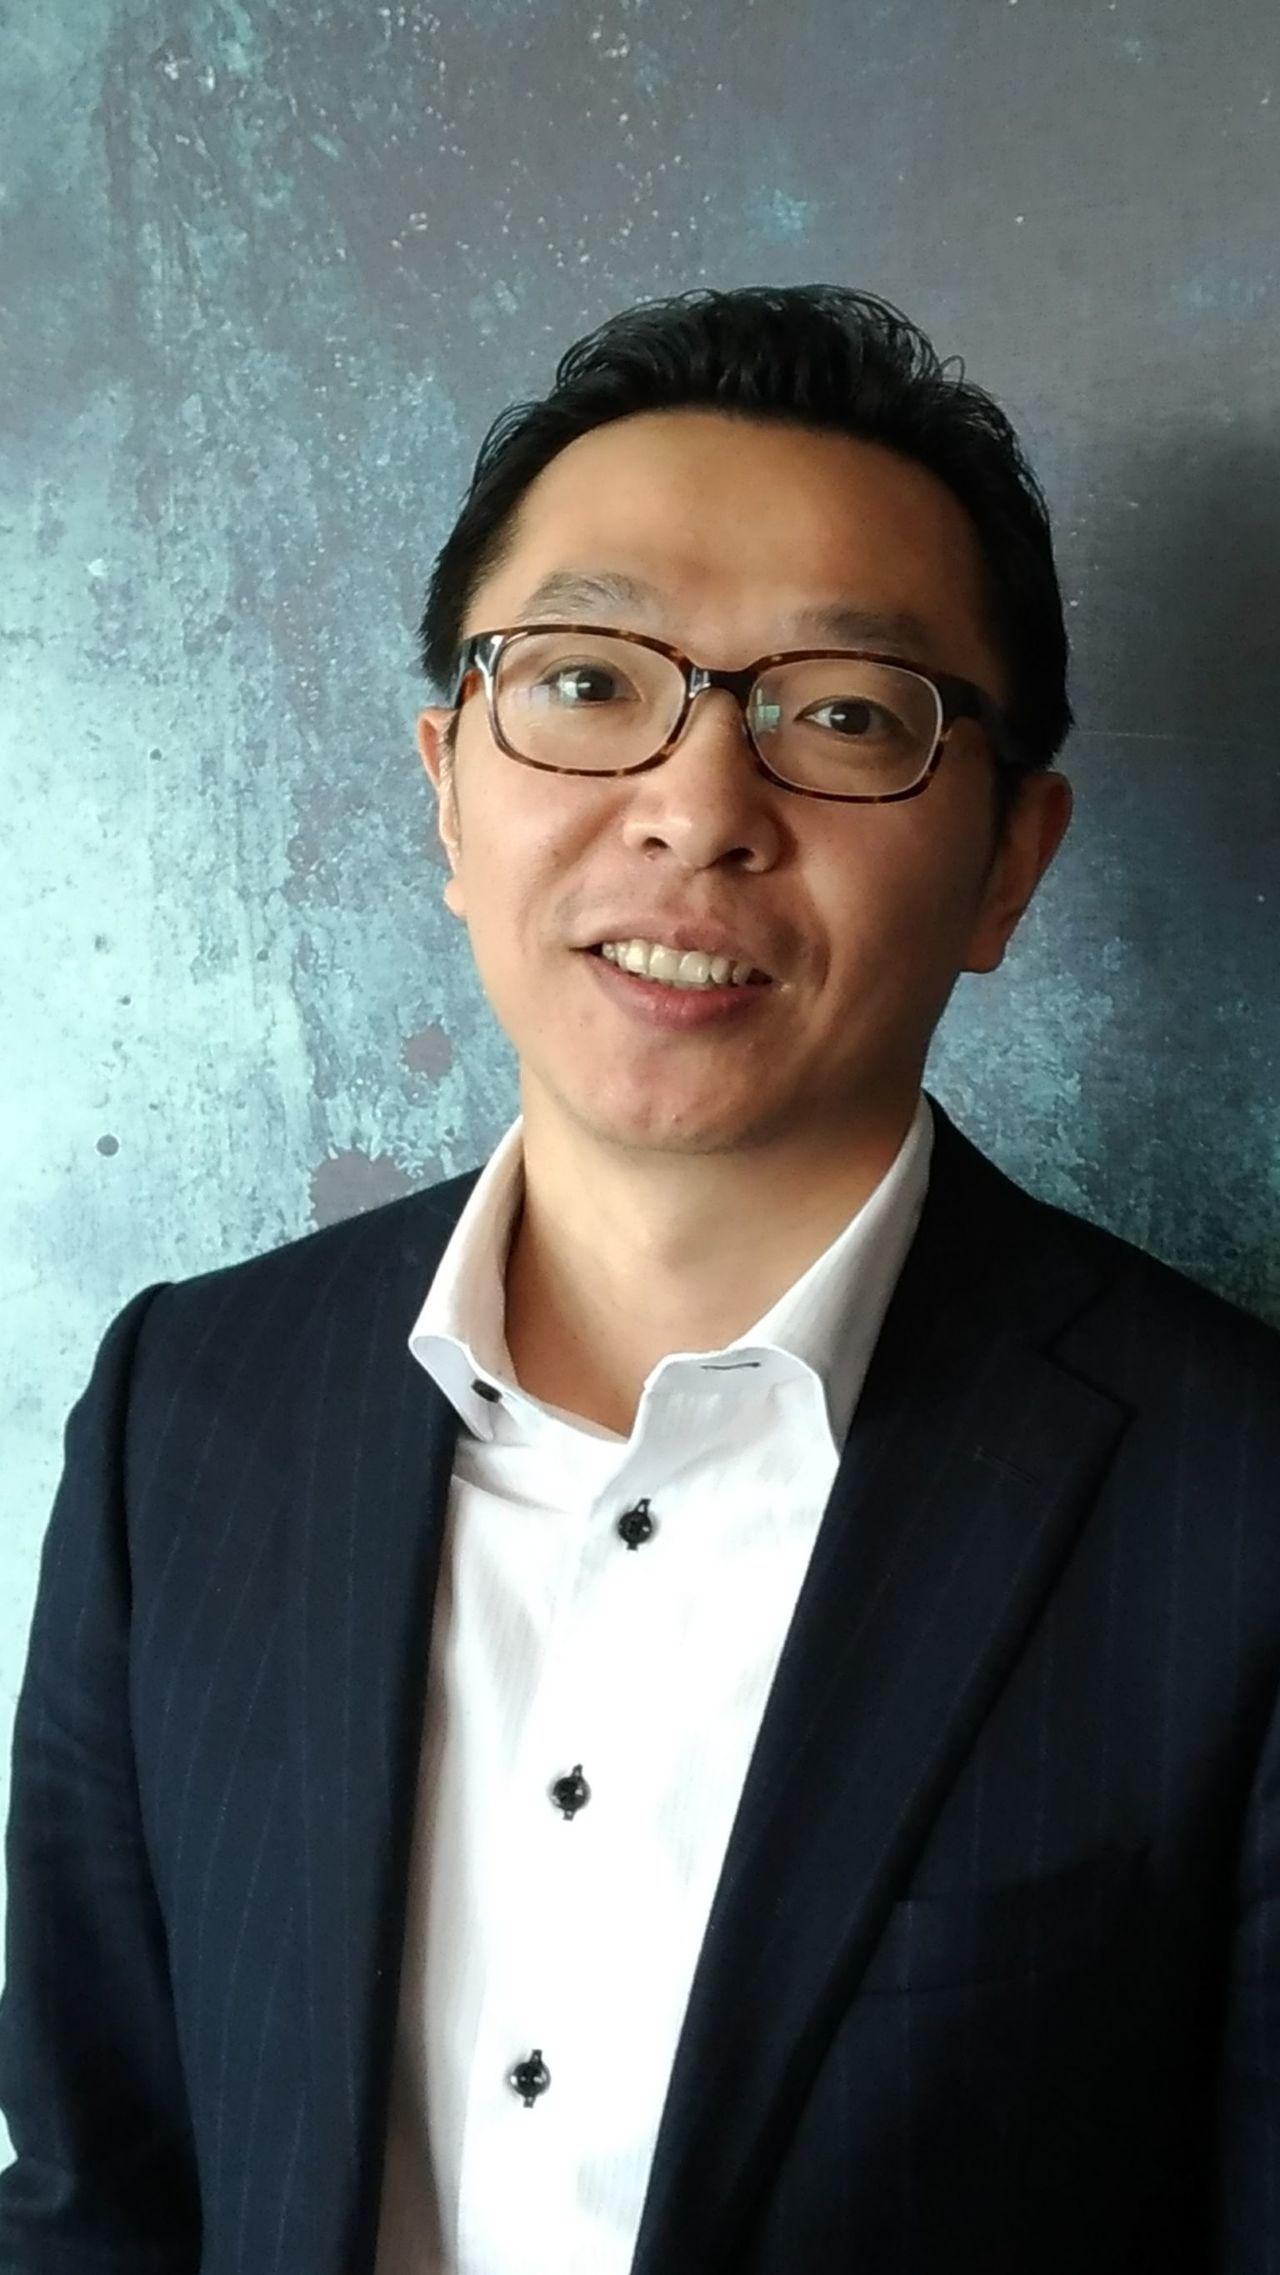 台灣飛利浦照明總經理余泳濤指出,已於全球建置2900萬個智慧連網照明裝置,預估至...